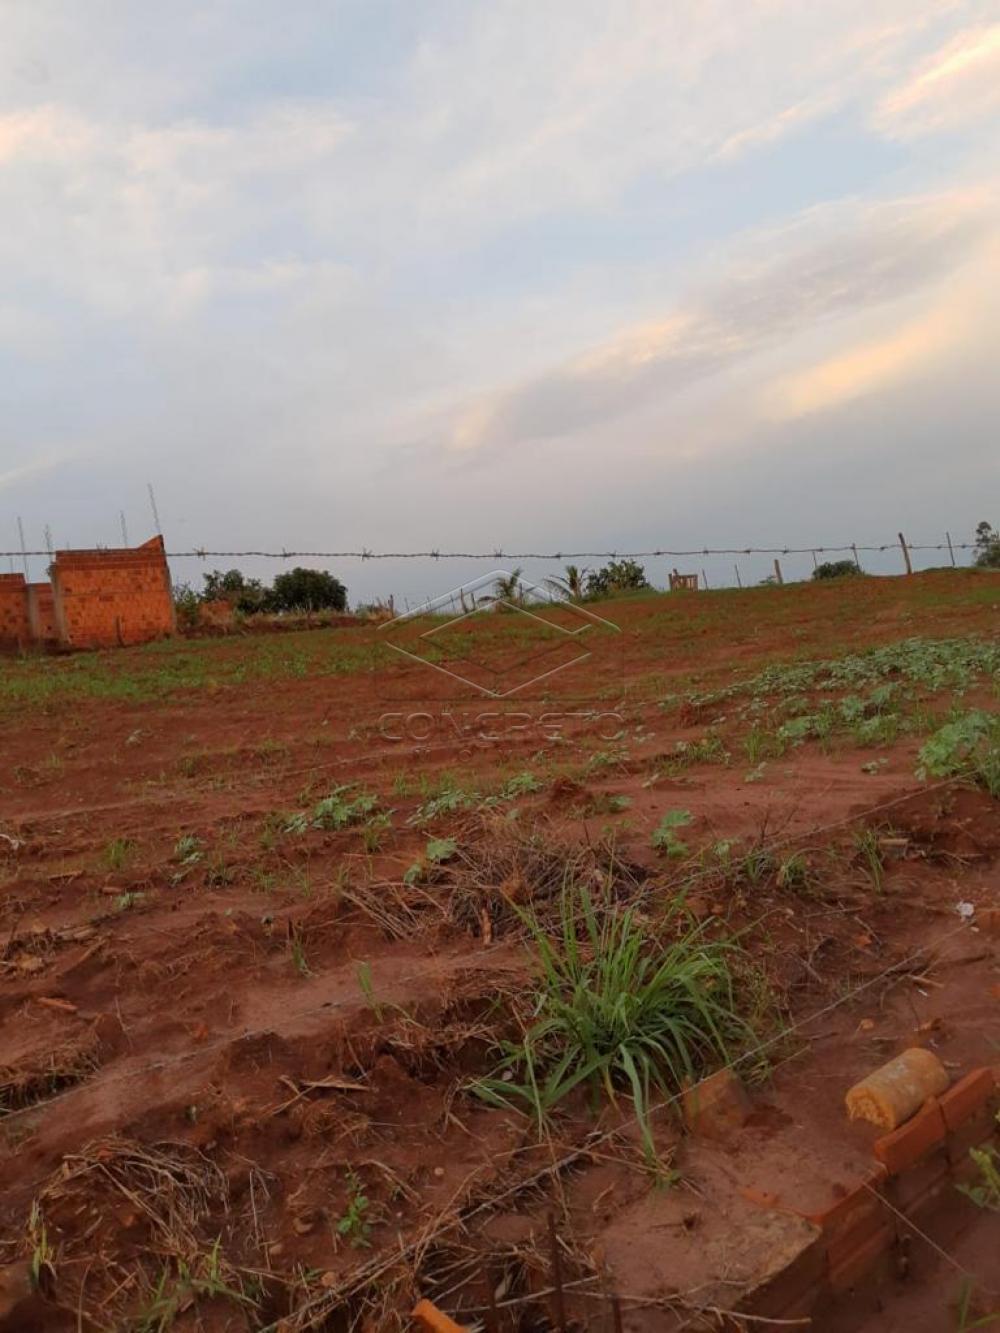 Comprar Rural / Chácara / Fazenda em Macatuba R$ 120.000,00 - Foto 3